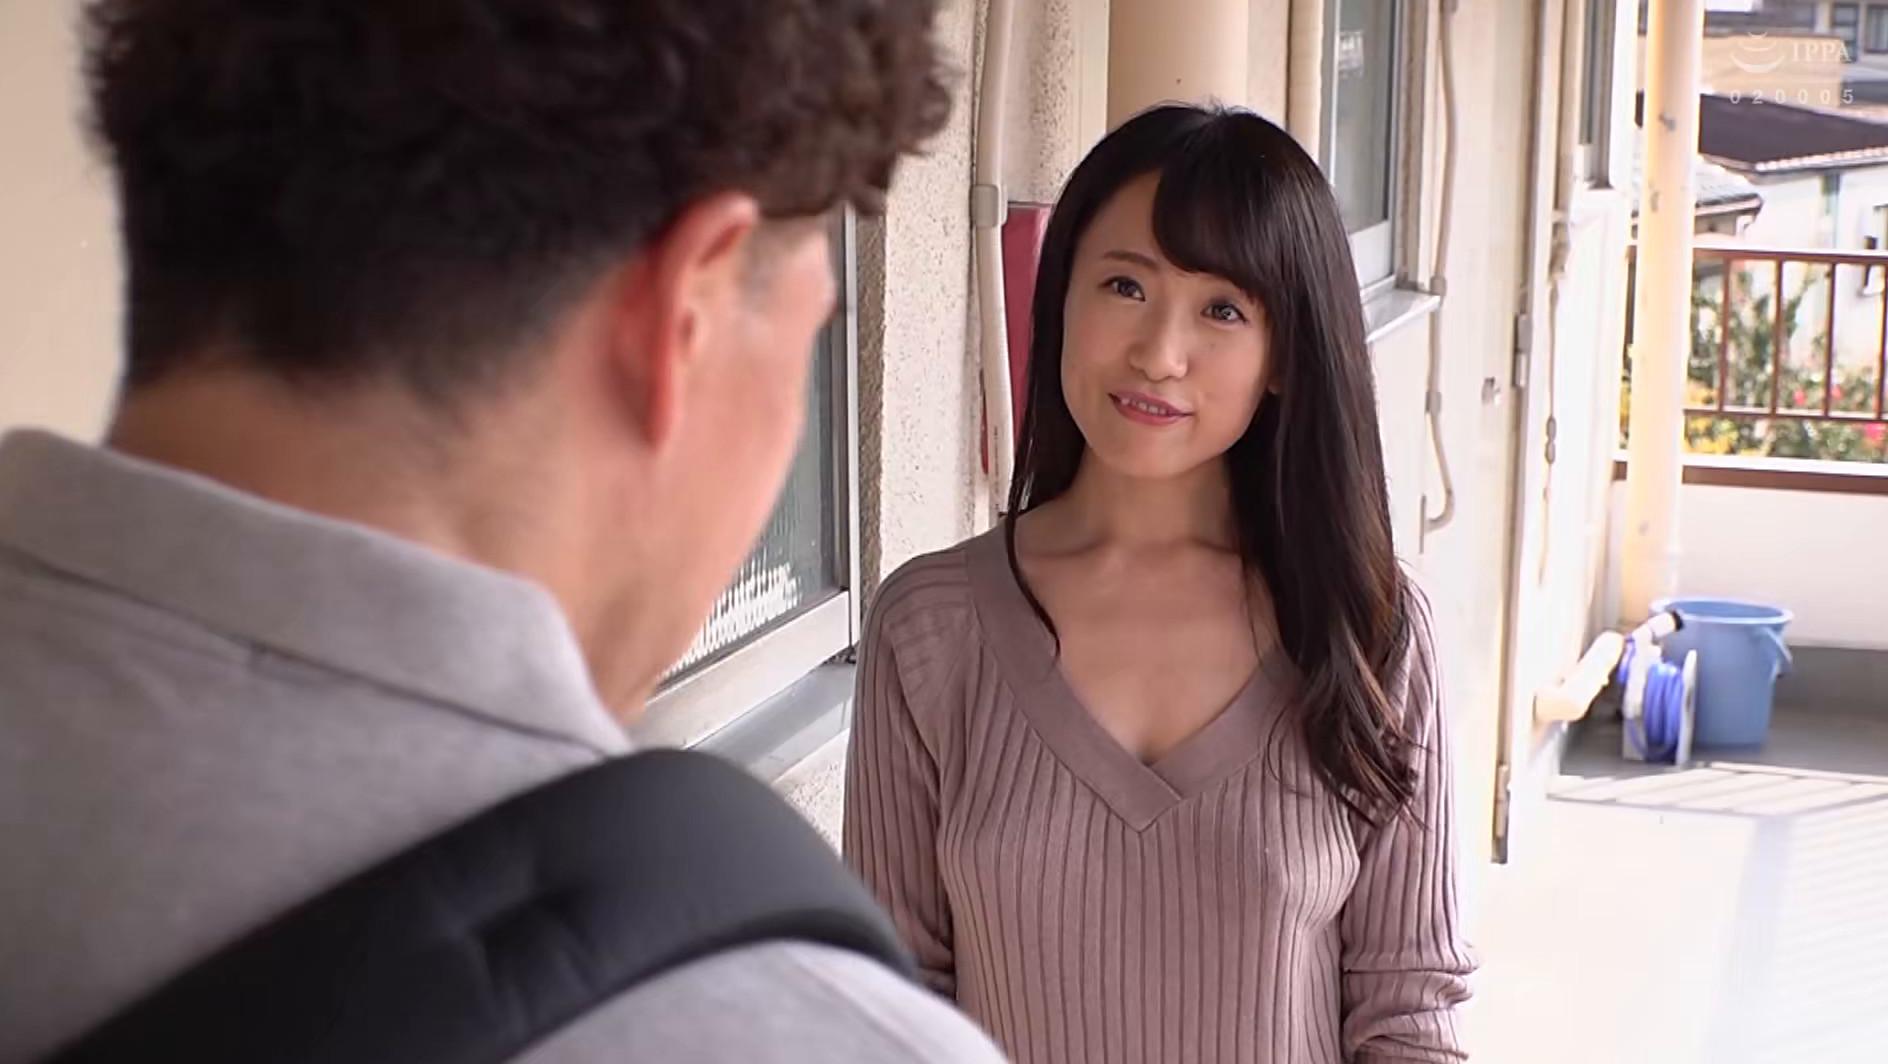 彼氏と喧嘩して部屋の外に閉め出された隣人の巨乳女の薄着姿があまりにもエロいので・・・ 画像14